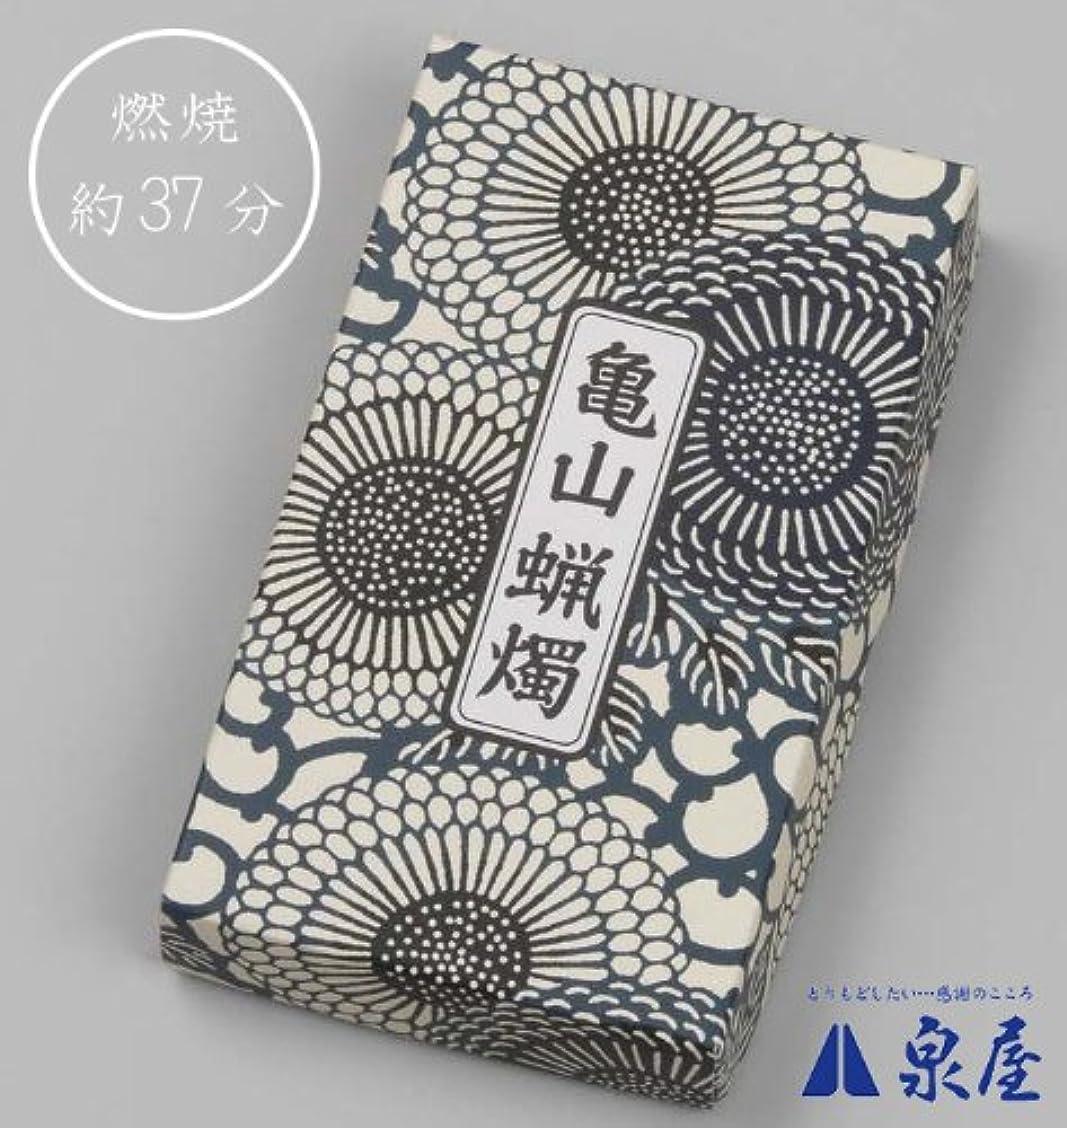 味バンガロー免疫カメヤマ小ローソク 徳用8号A#155 225g